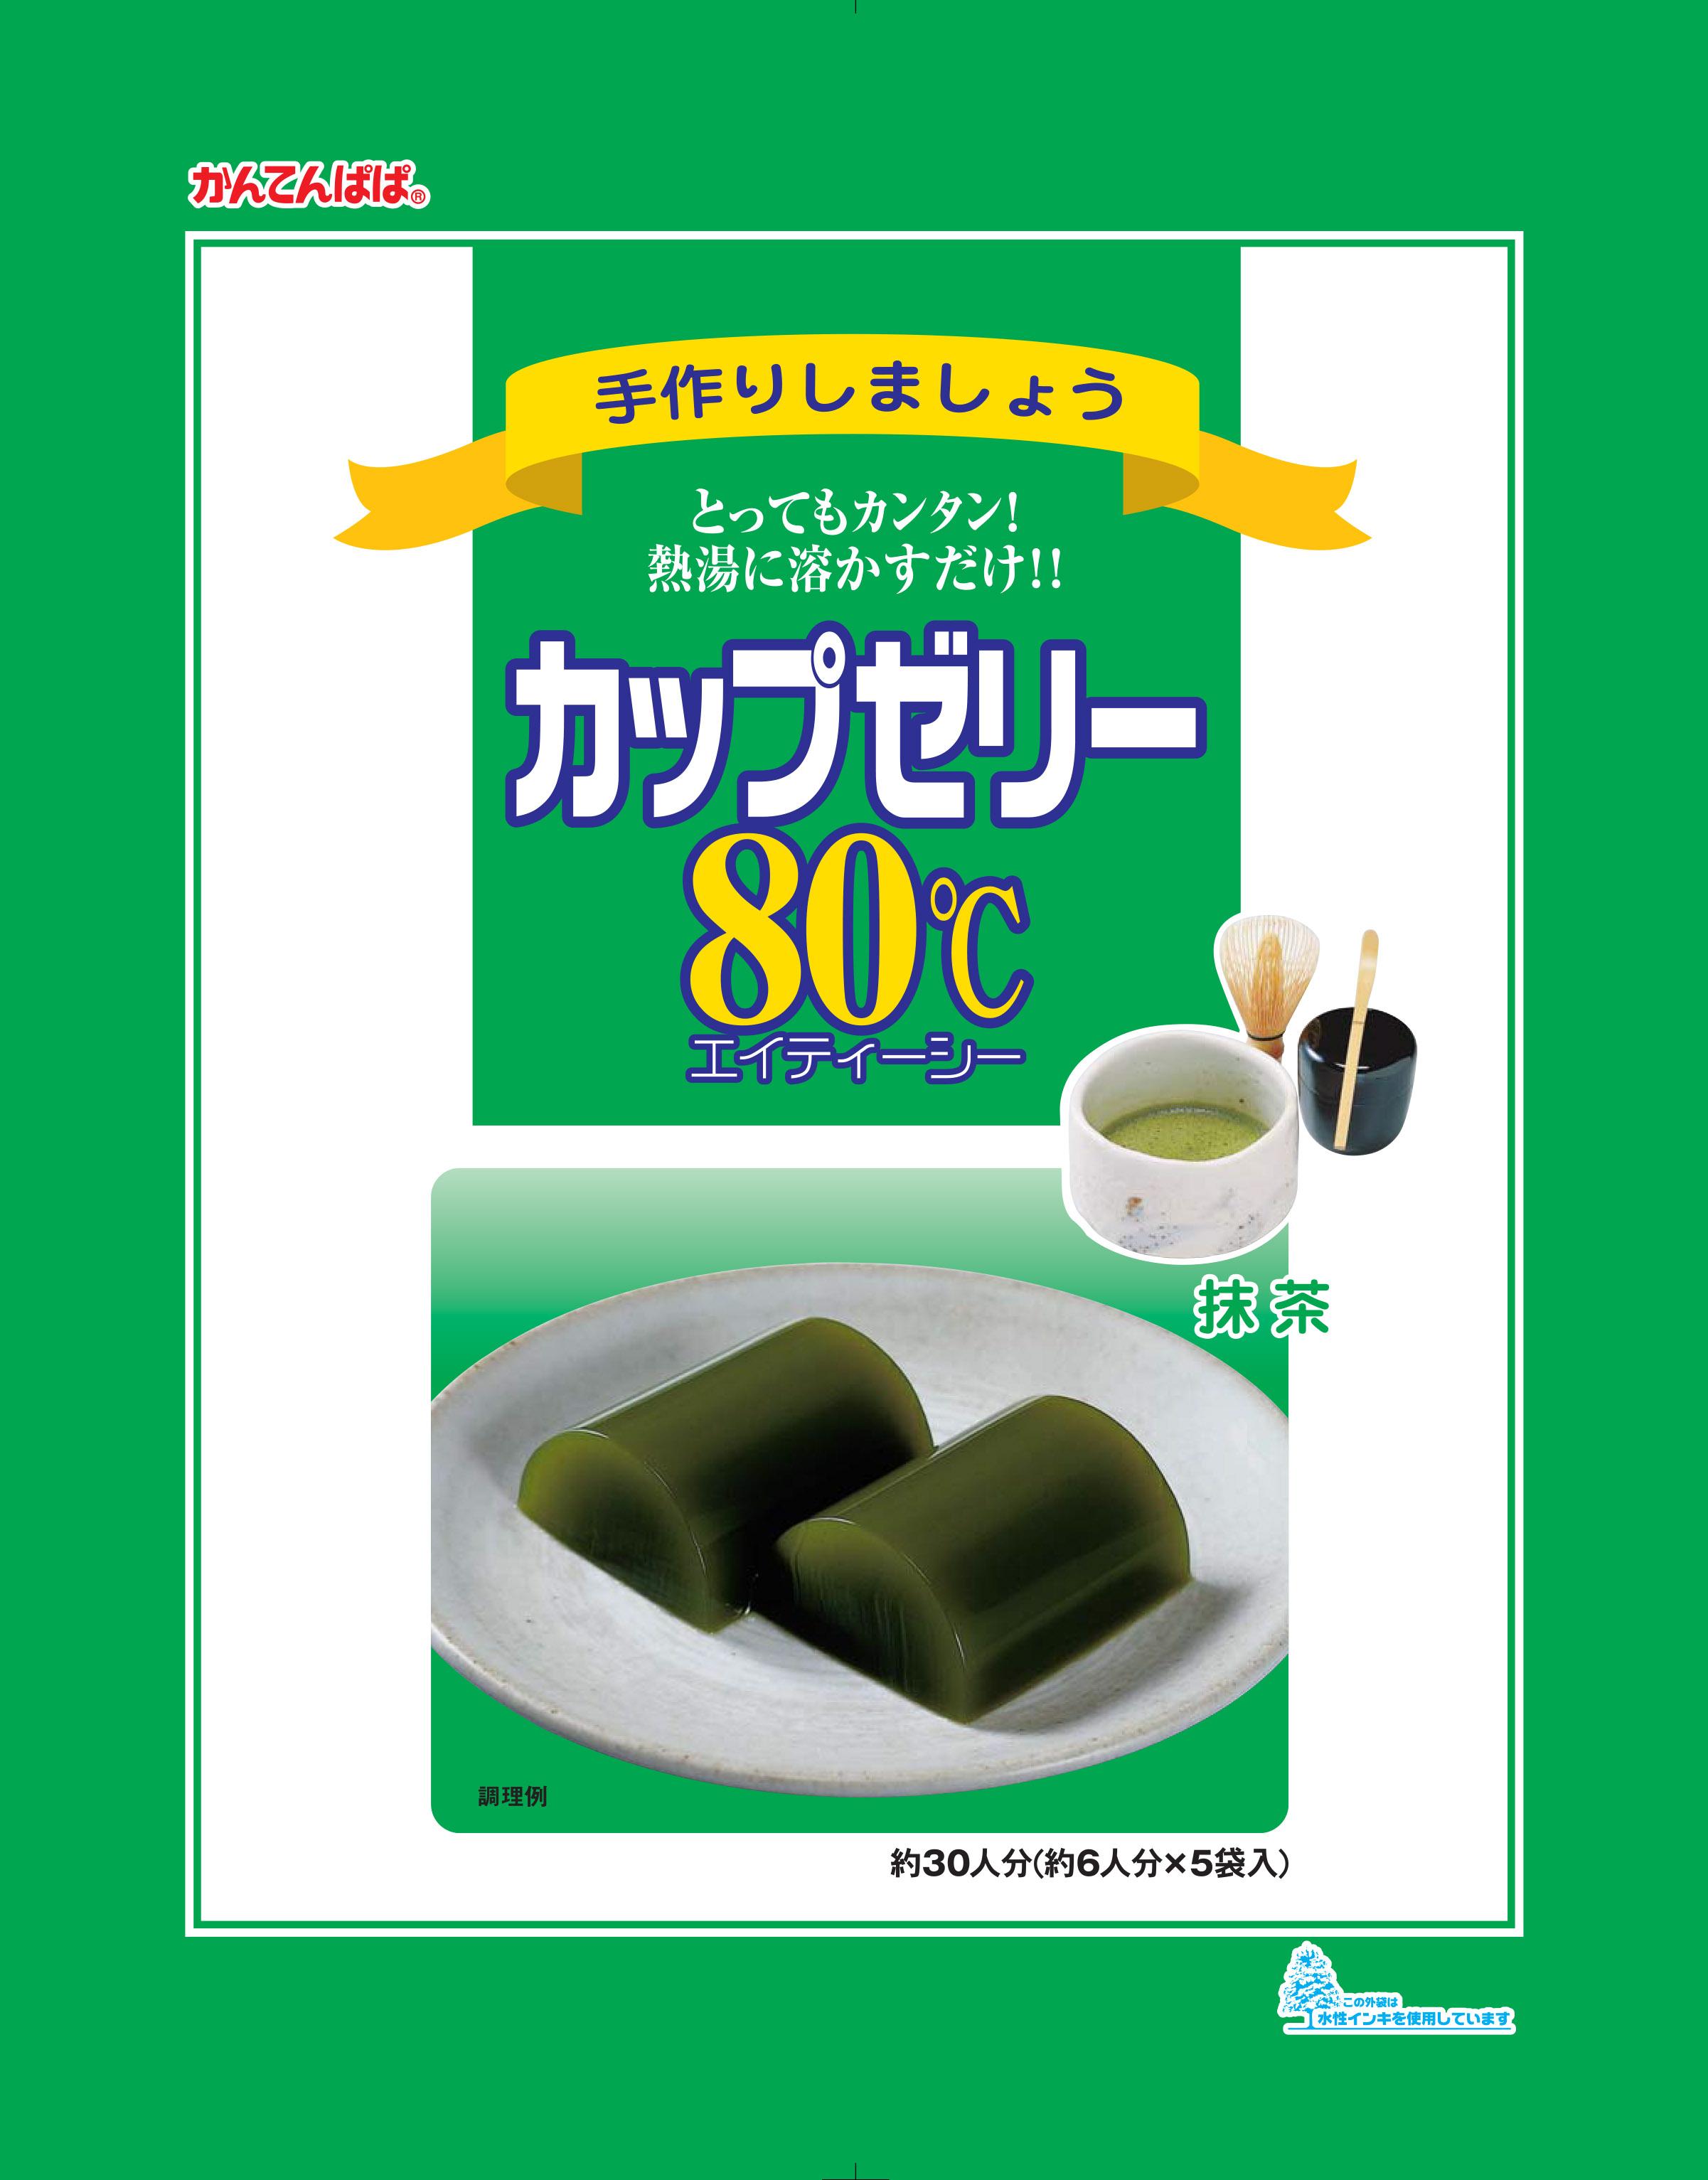 カップゼリー80℃ 抹茶 5袋入